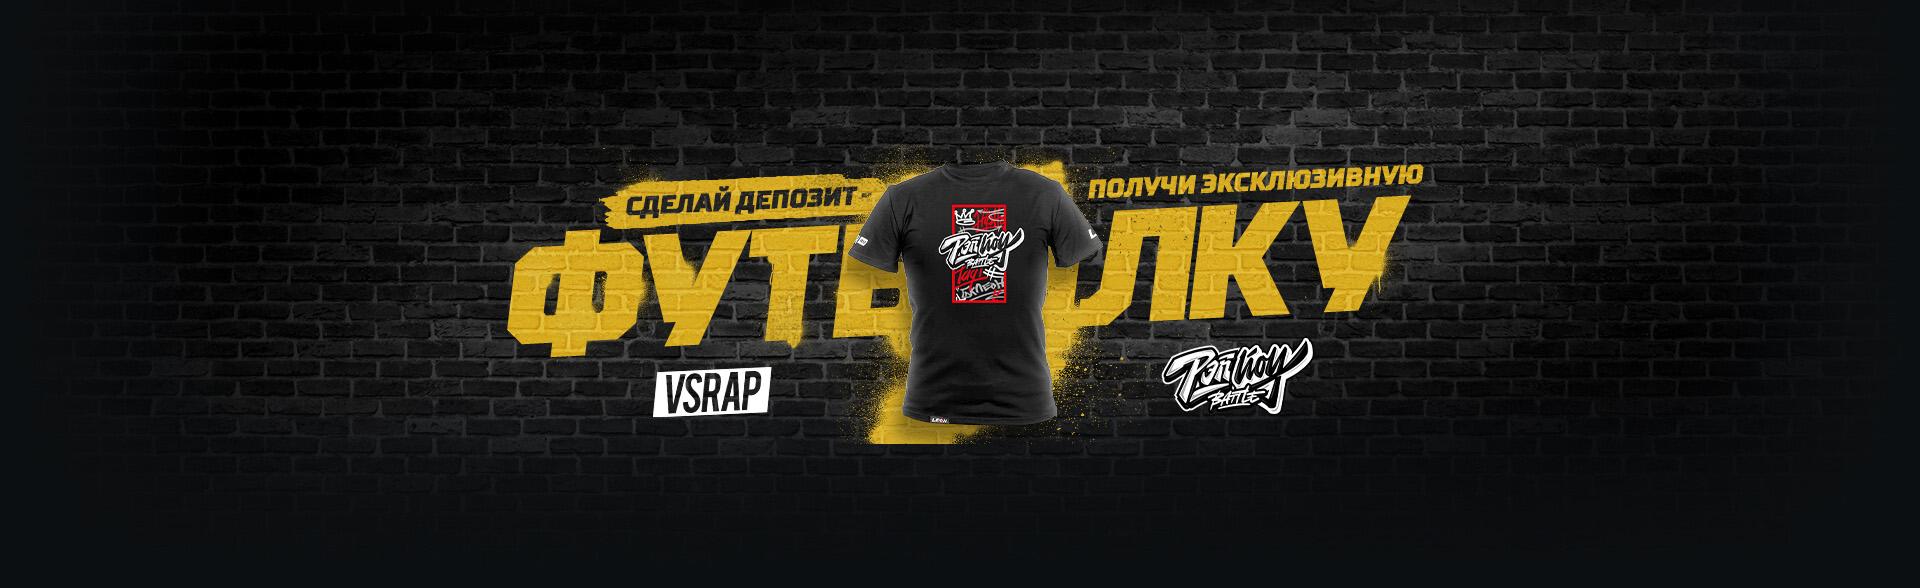 Акция БК «Леон»: получи футболку «Рэпйоу» за депозит